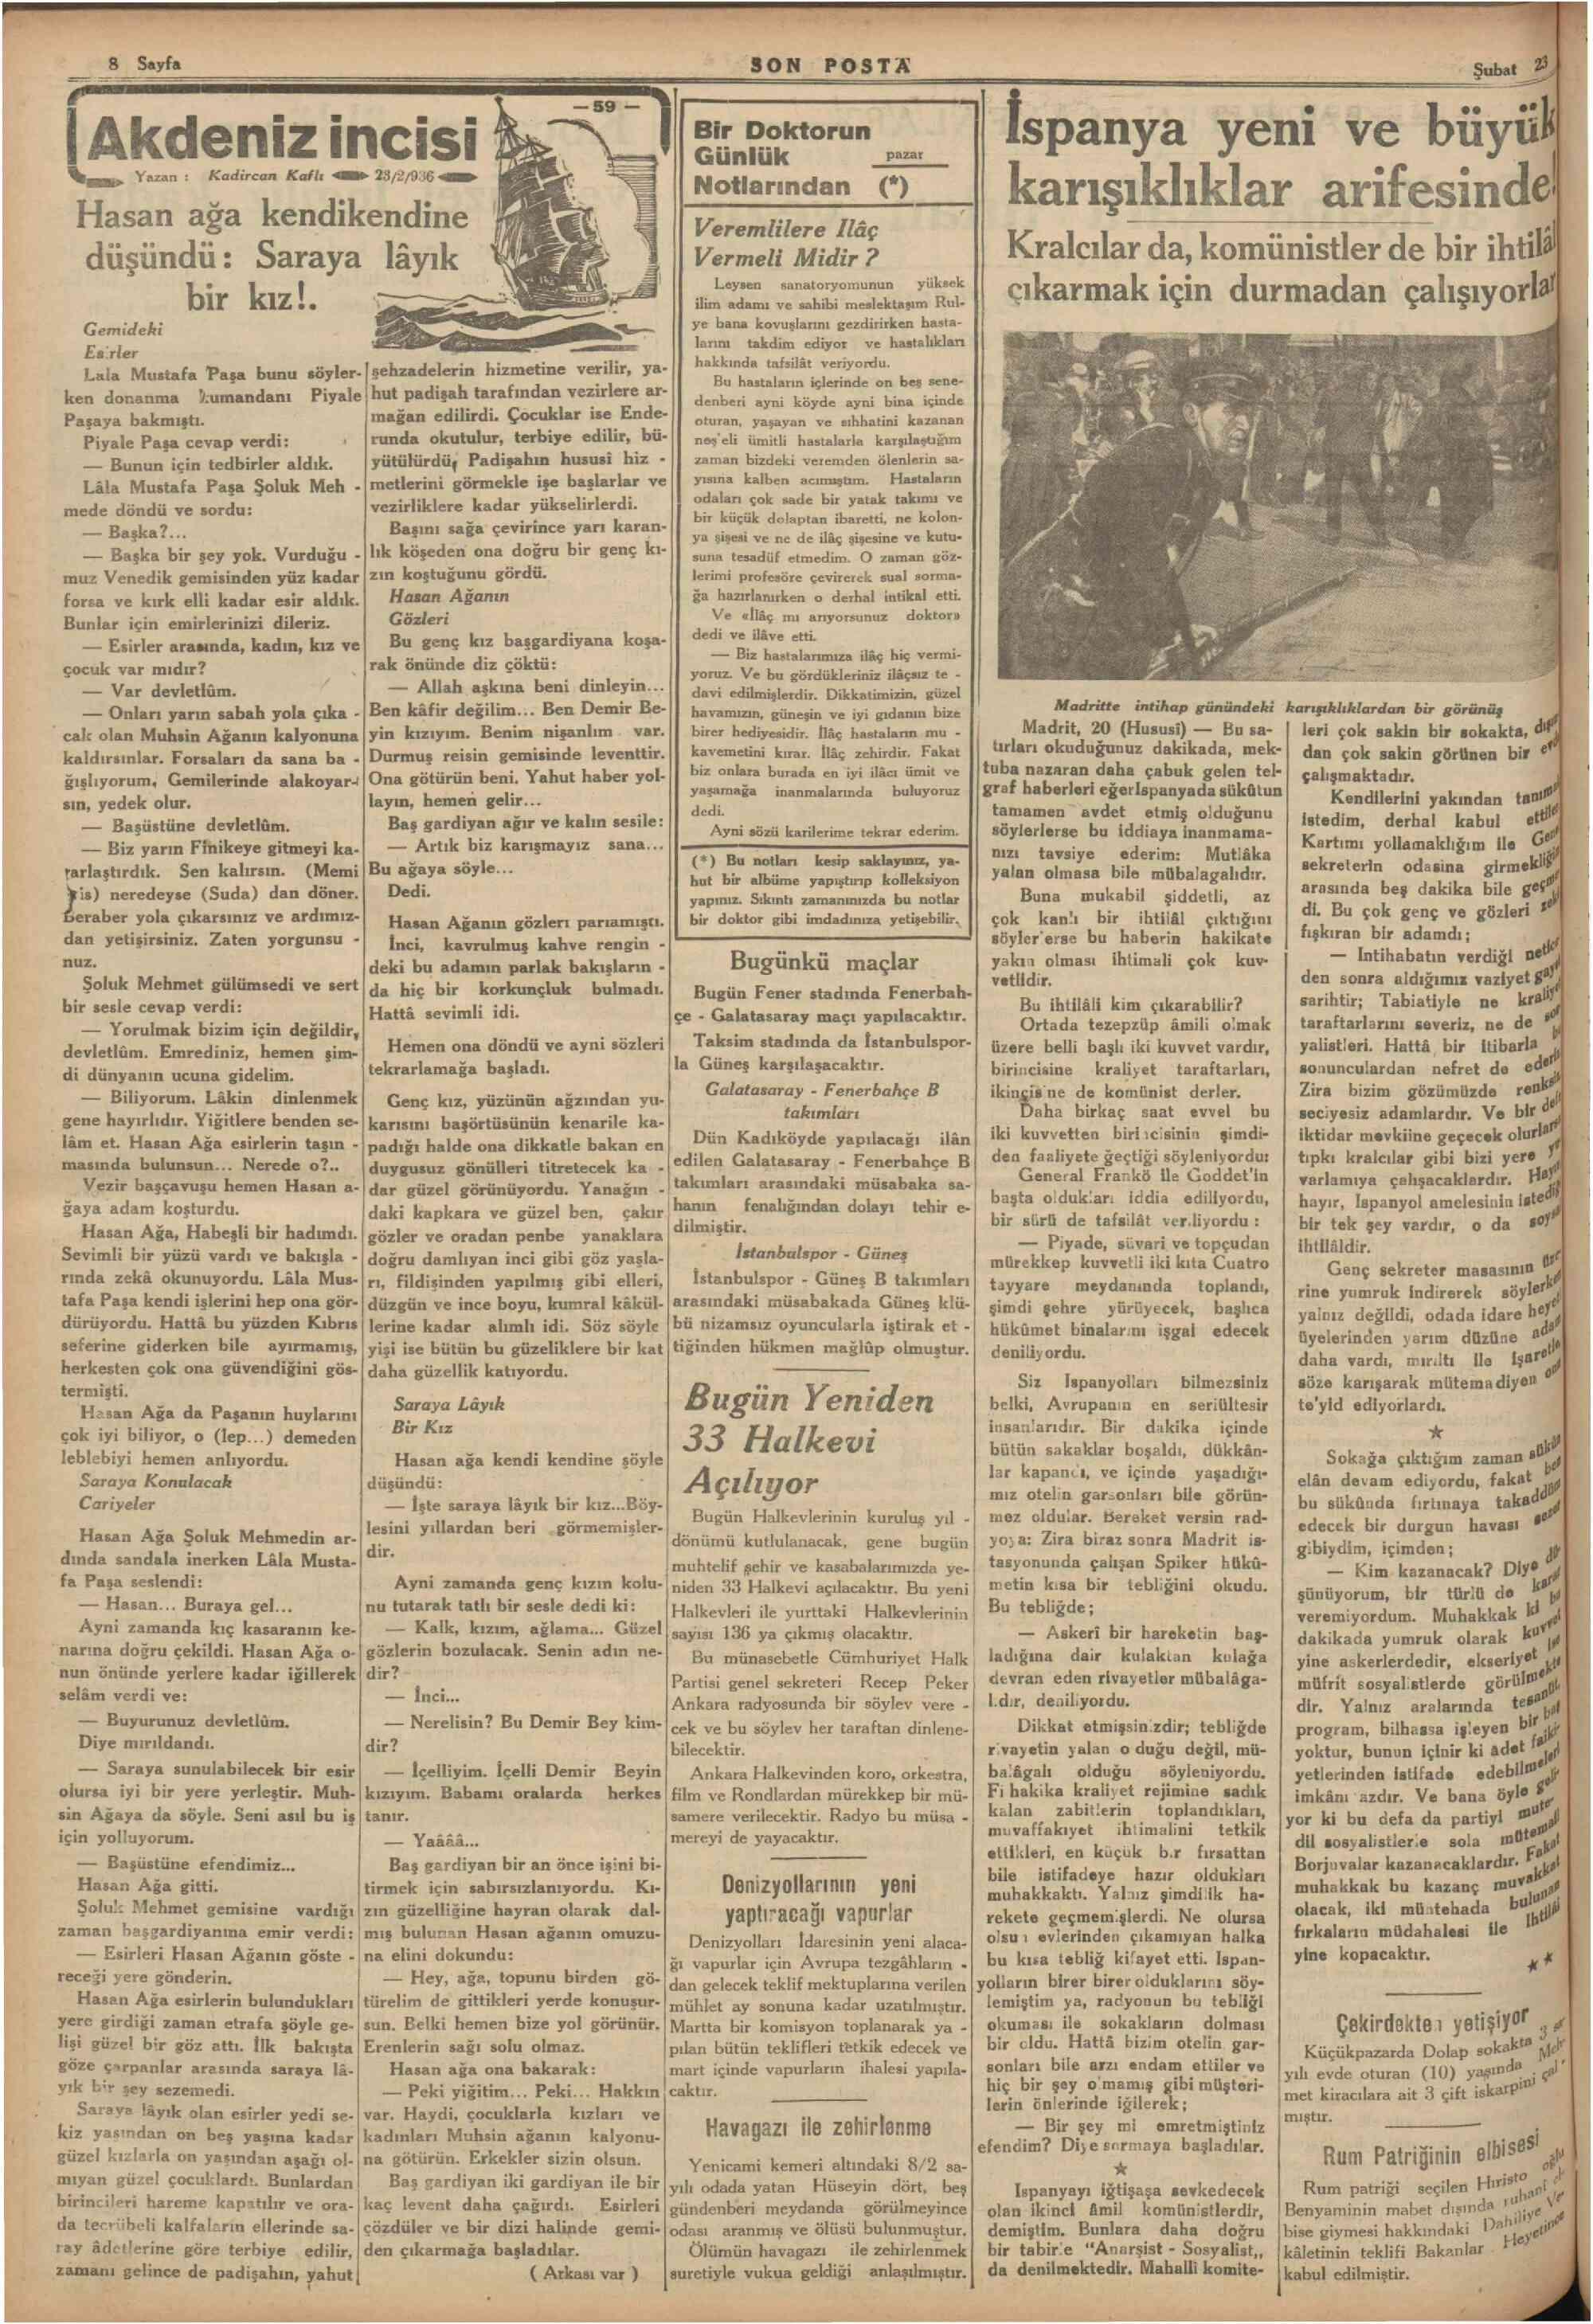 23 Şubat 1936 Tarihli Son Posta Gazetesi Sayfa 9